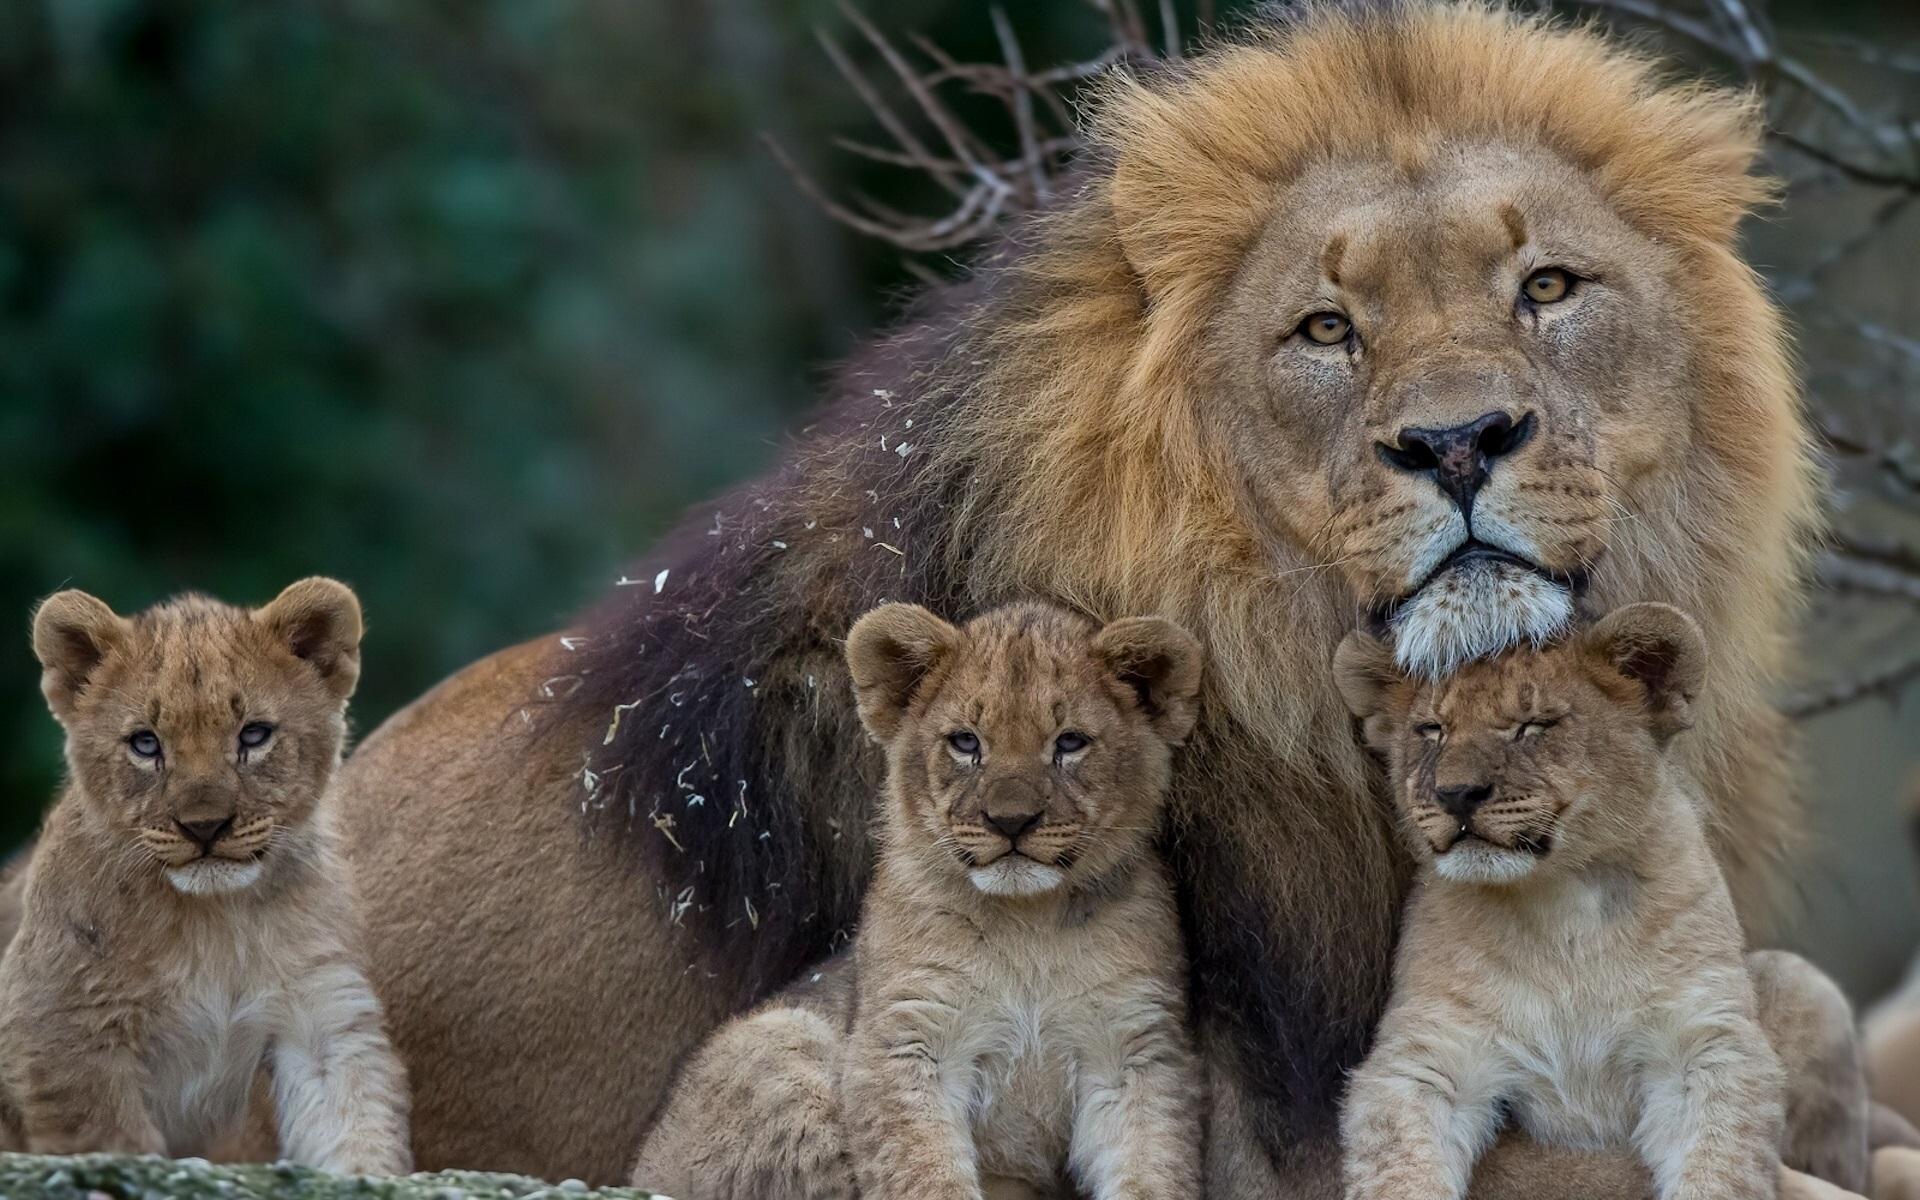 Fonds D Ecran Lion Avec Lionceaux 1920x1200 Hd Image